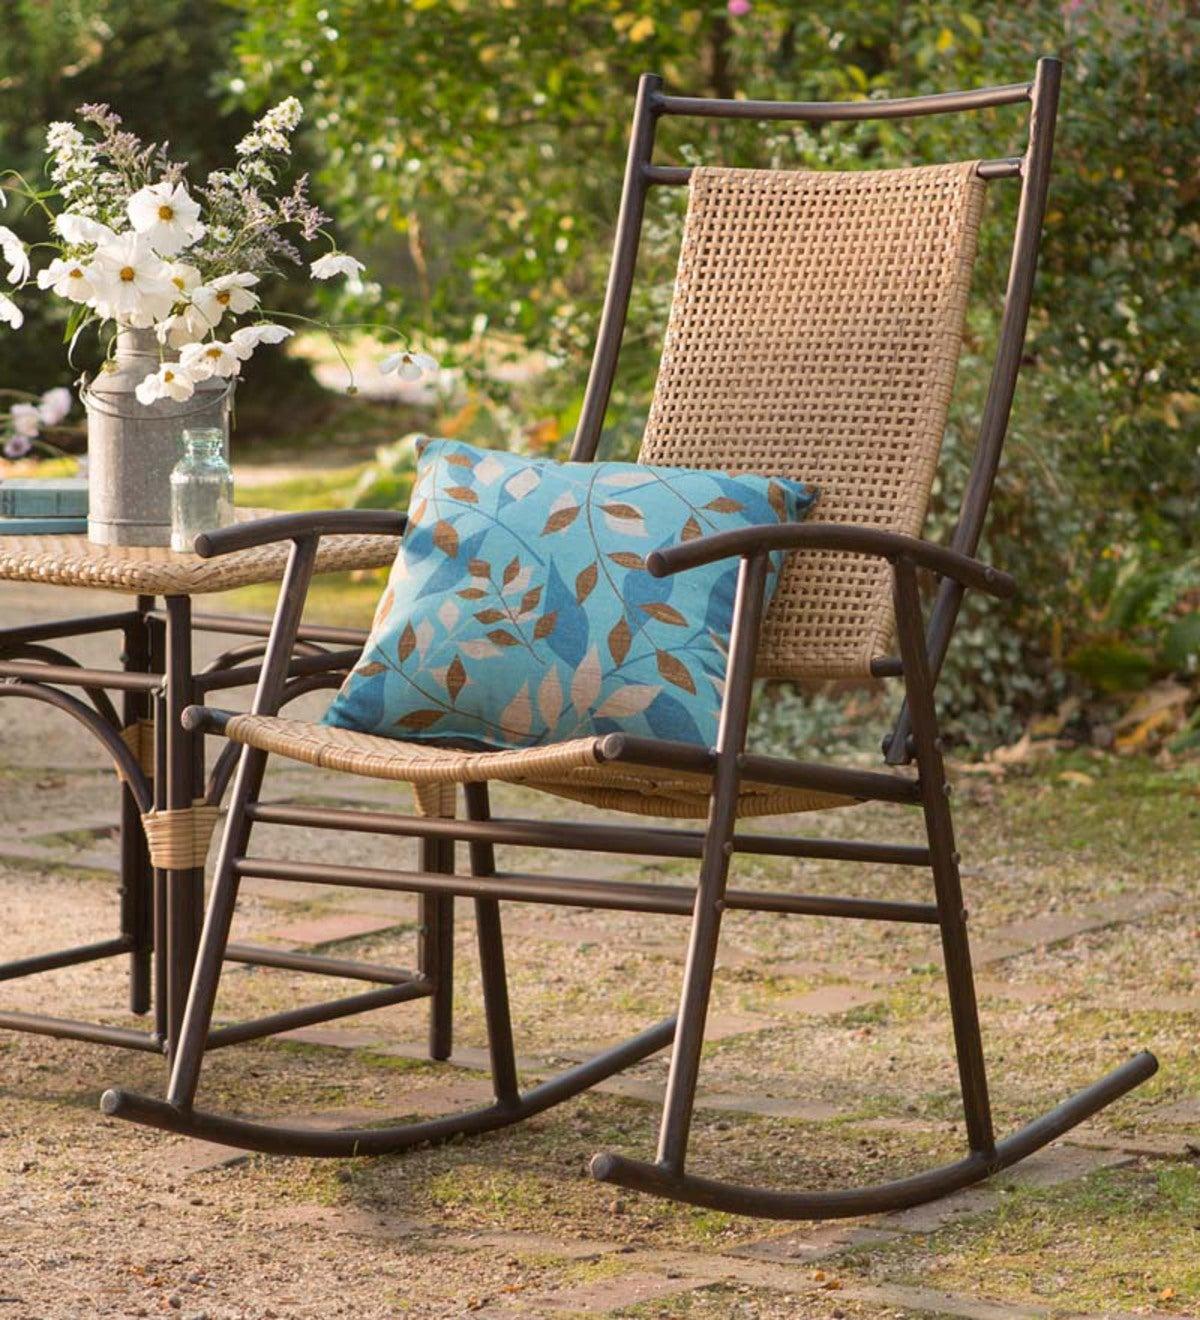 Astounding Carter Ridge Resin Wicker Outdoor Rocker Plowhearth Inzonedesignstudio Interior Chair Design Inzonedesignstudiocom